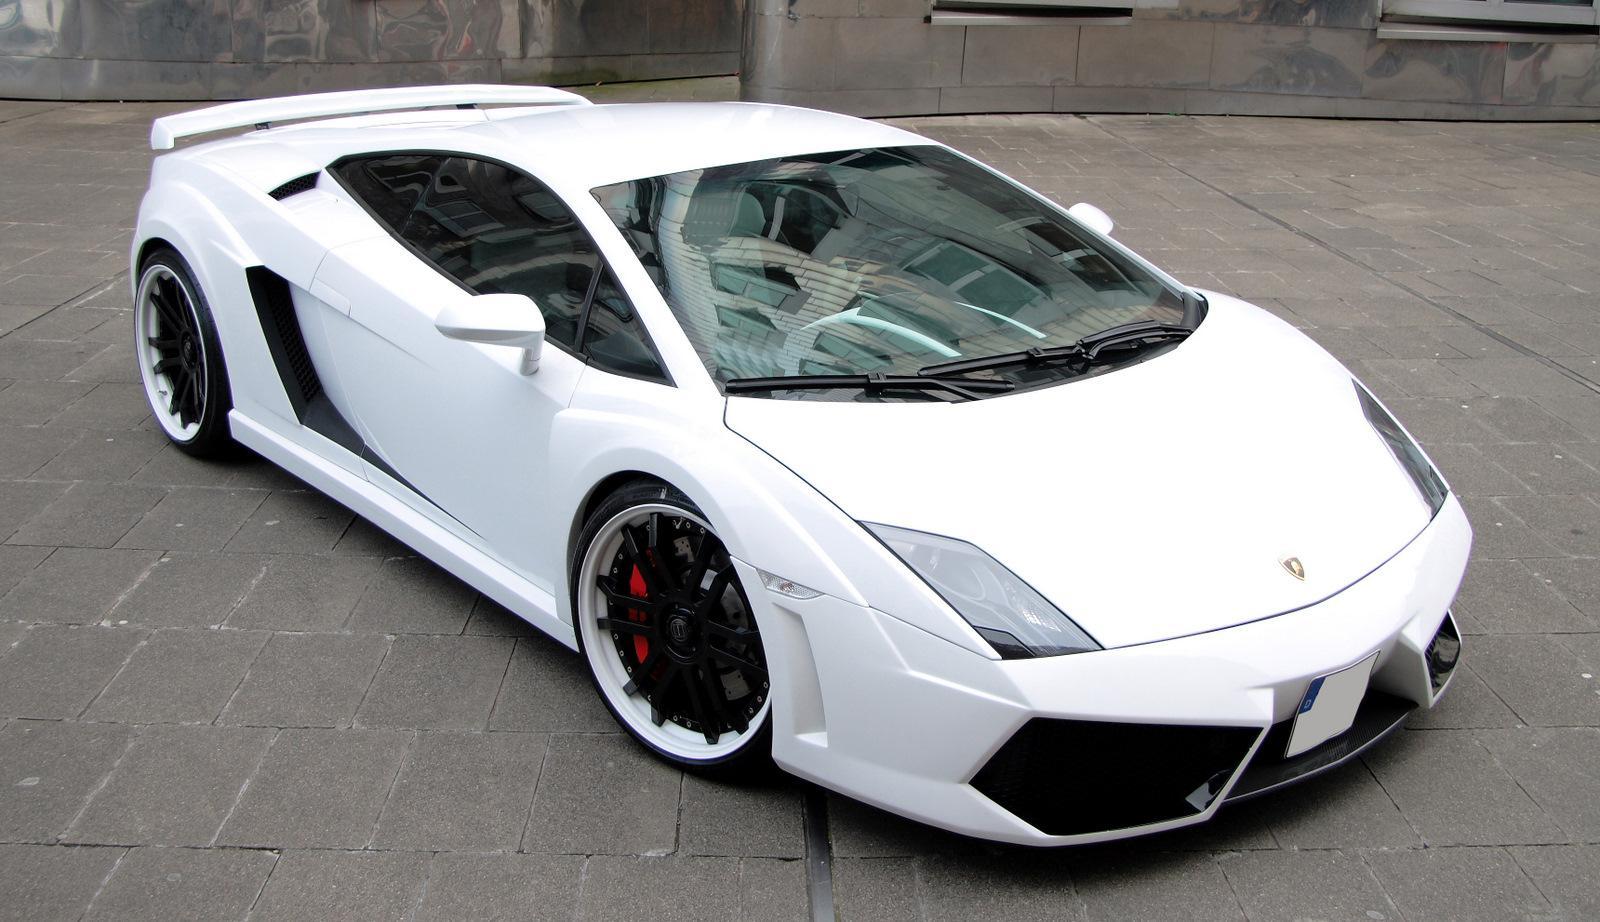 Lamborghini Gallardo White Edition